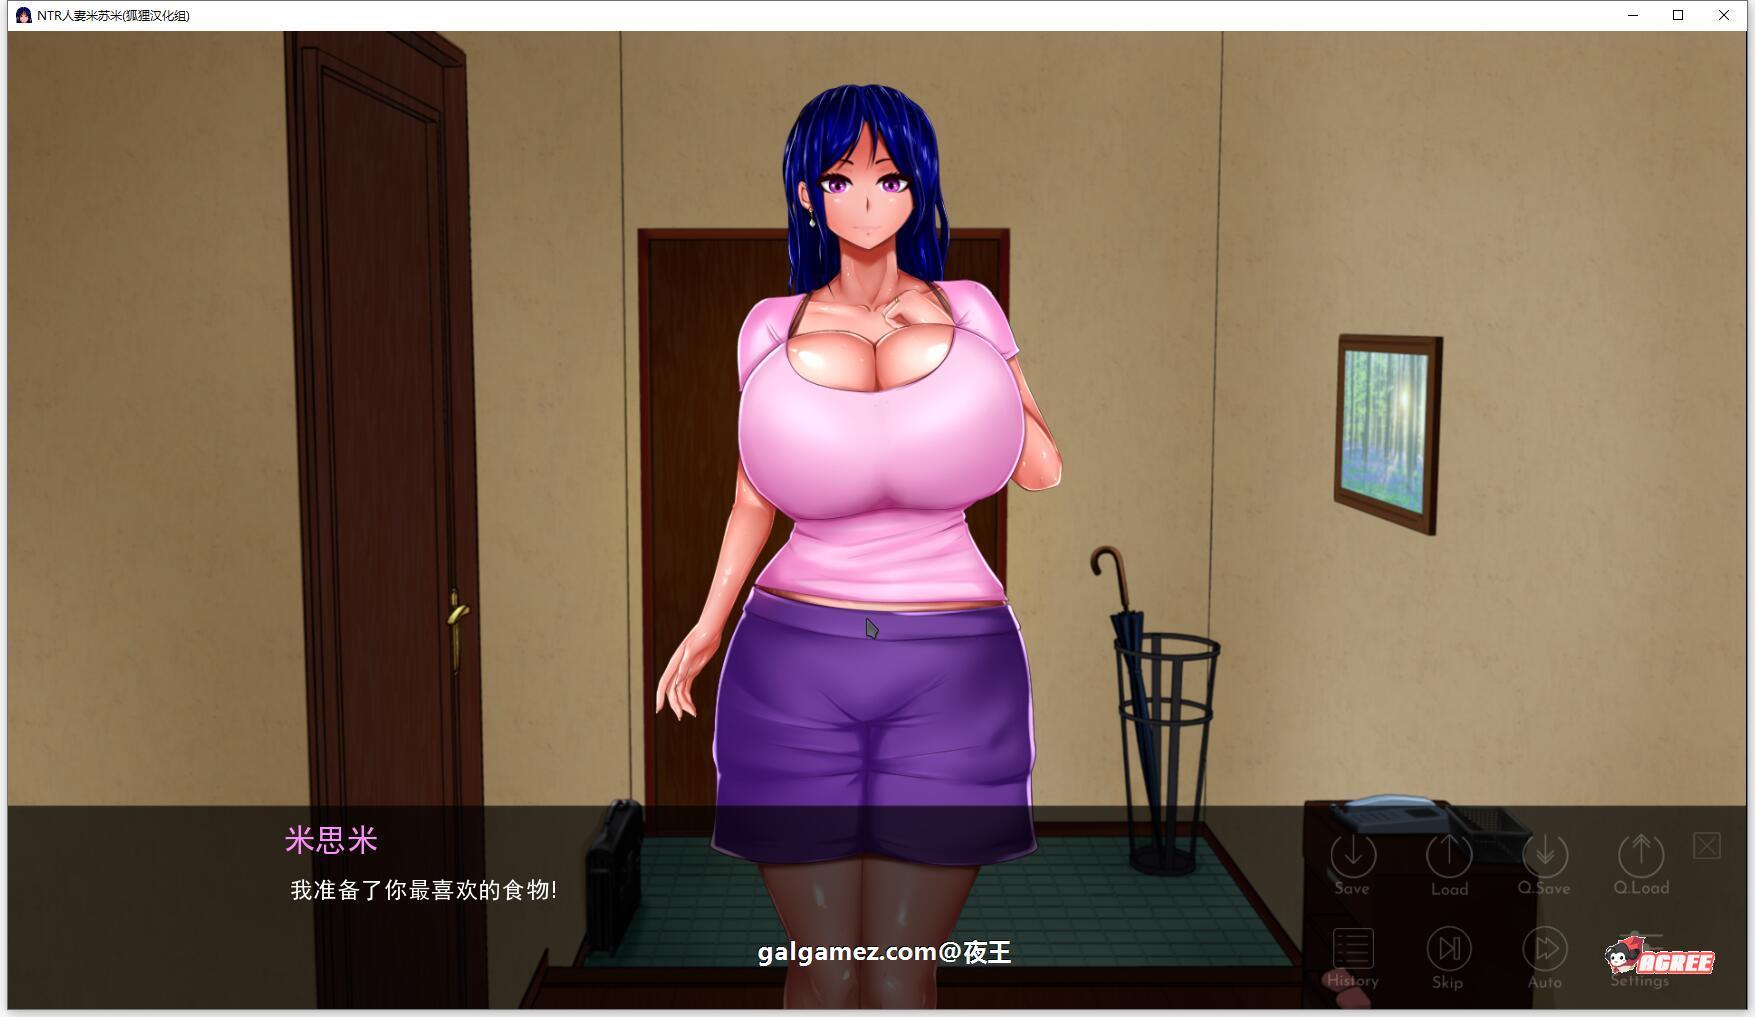 [欧美2D/狐狸汉化]NTR人妻米苏米 精翻汉化步兵版+全CG[新汉化/PC+安卓/2.4G] 2